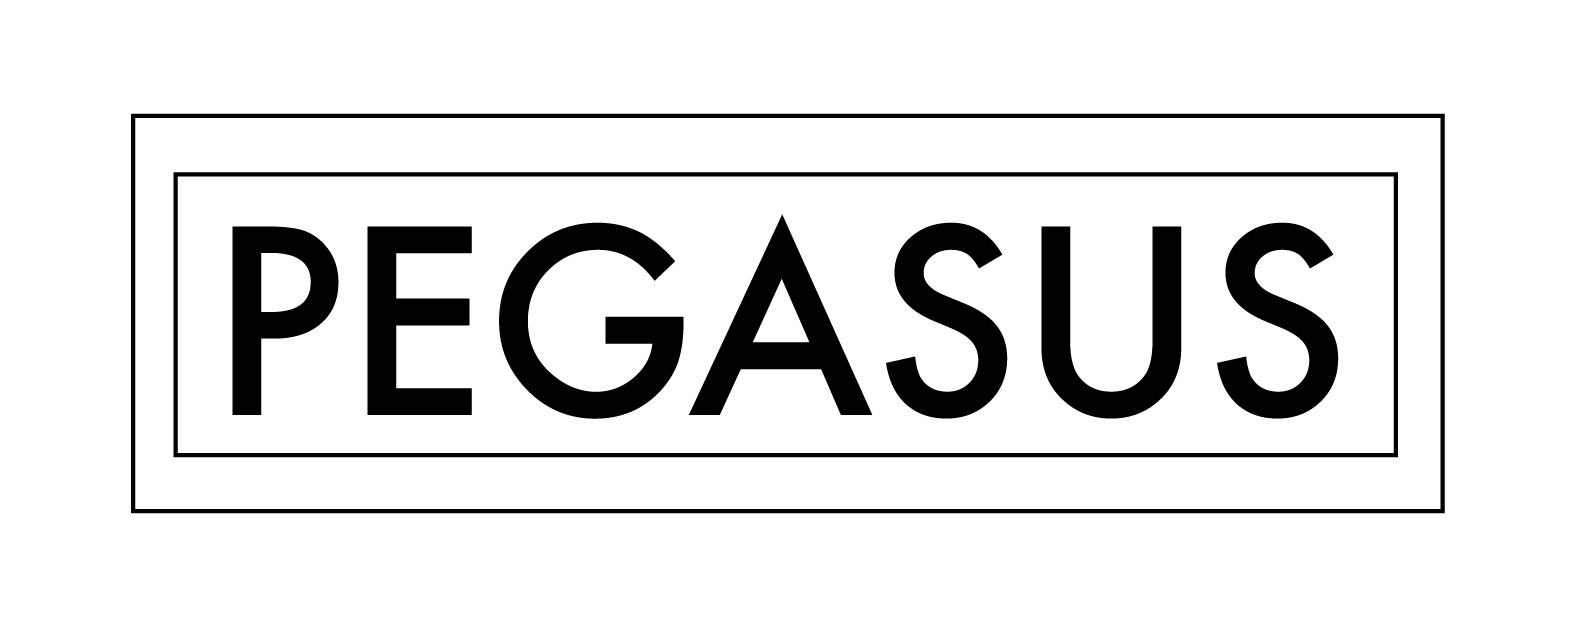 pegasus logo portfolio -11.jpg